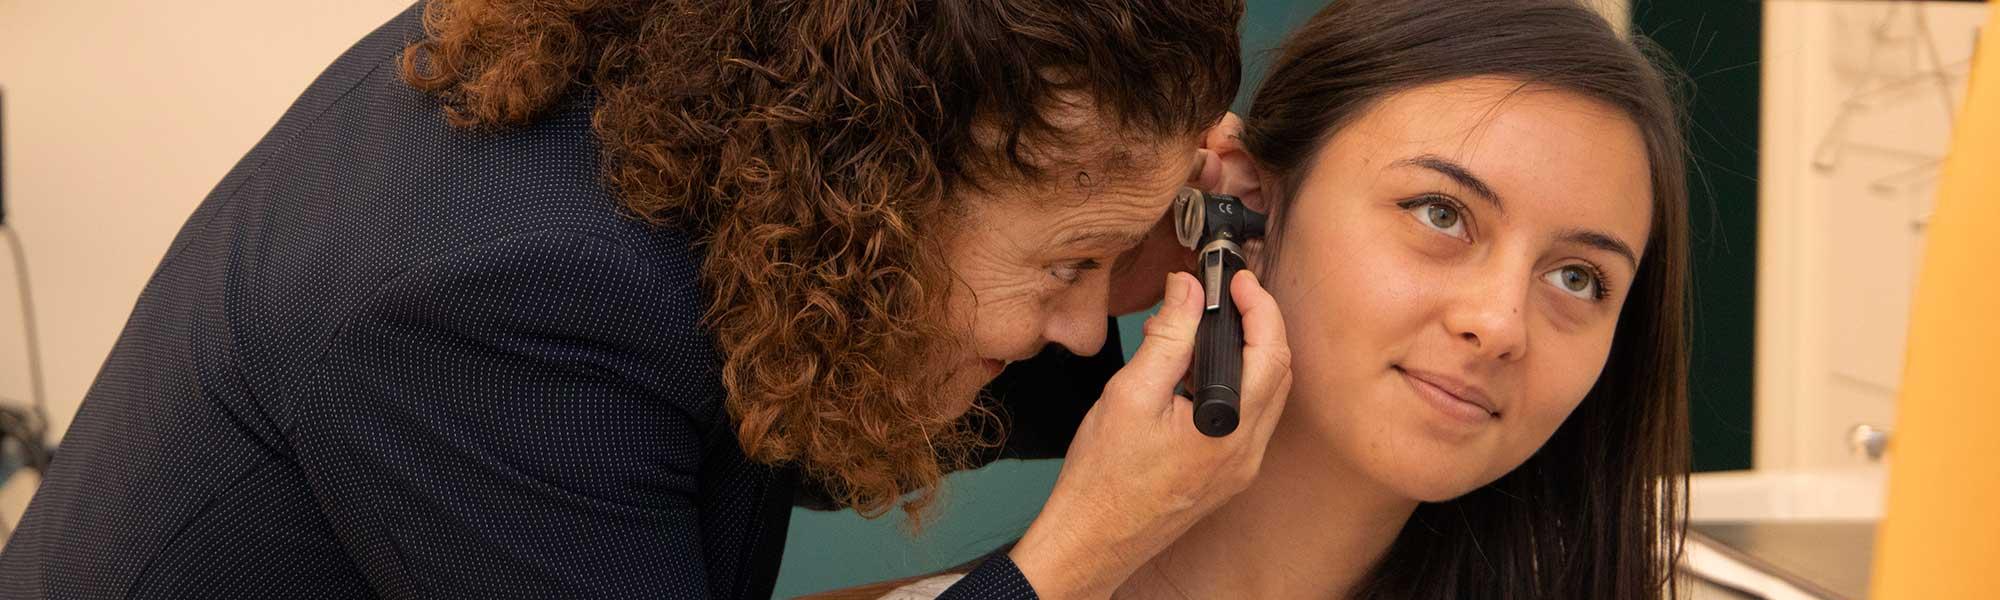 Prof. Helen Grech examining a patient